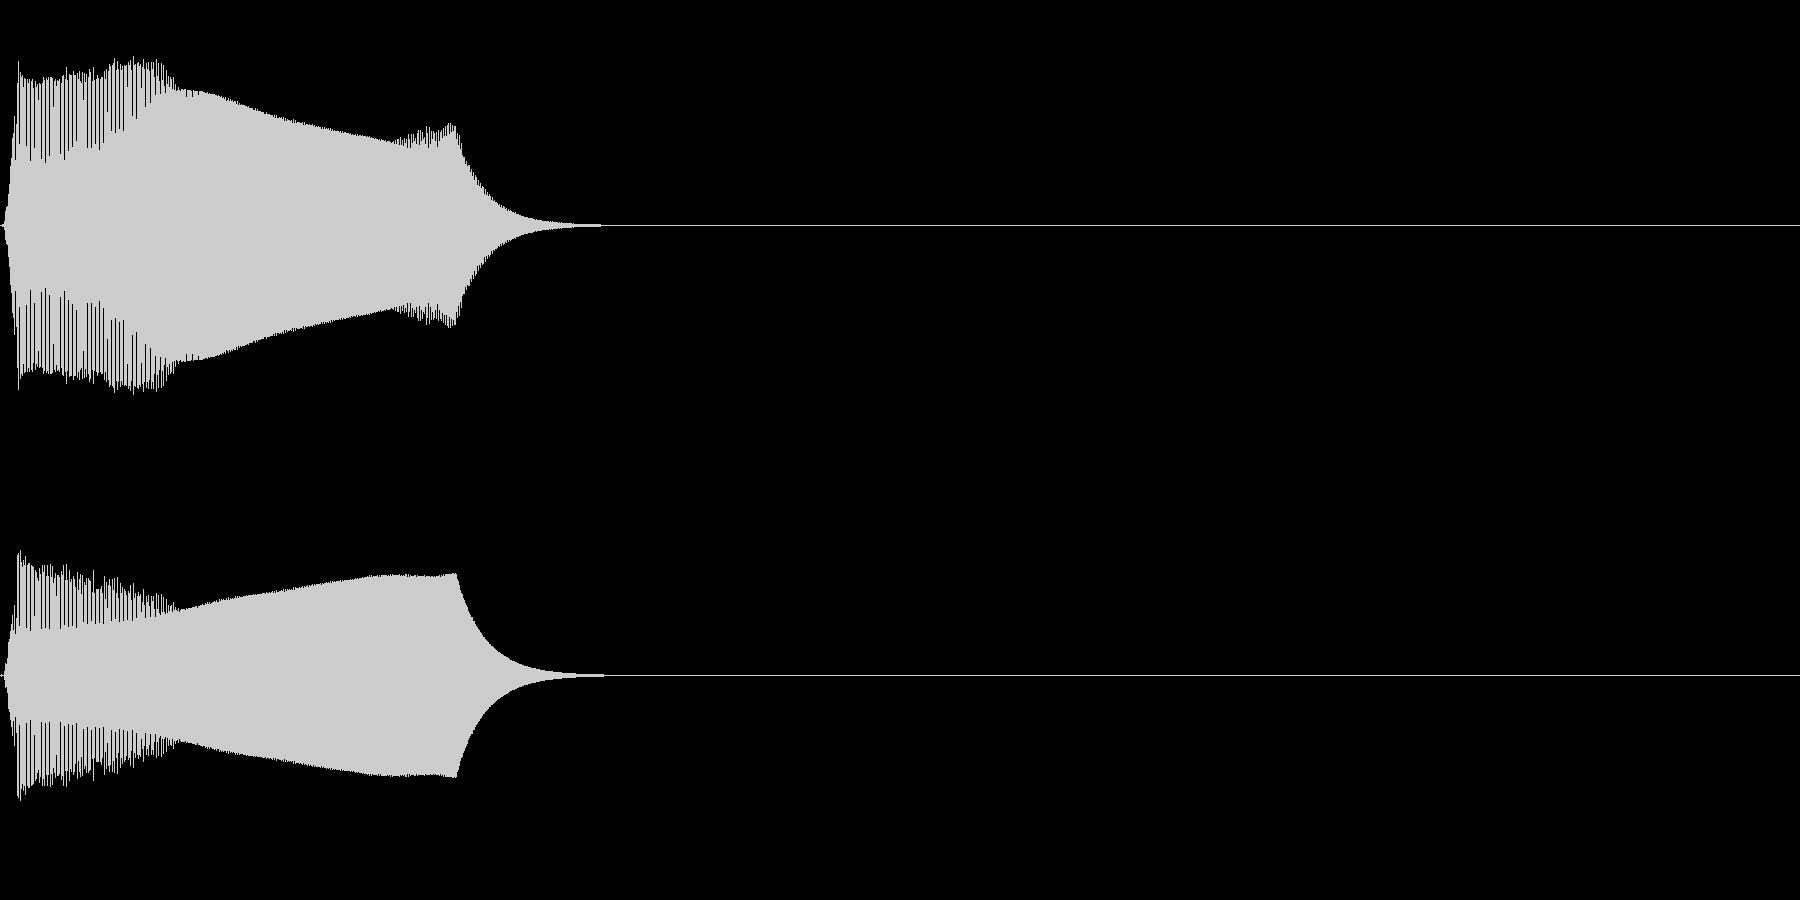 ジャンプ音01(ピヨッ)の未再生の波形